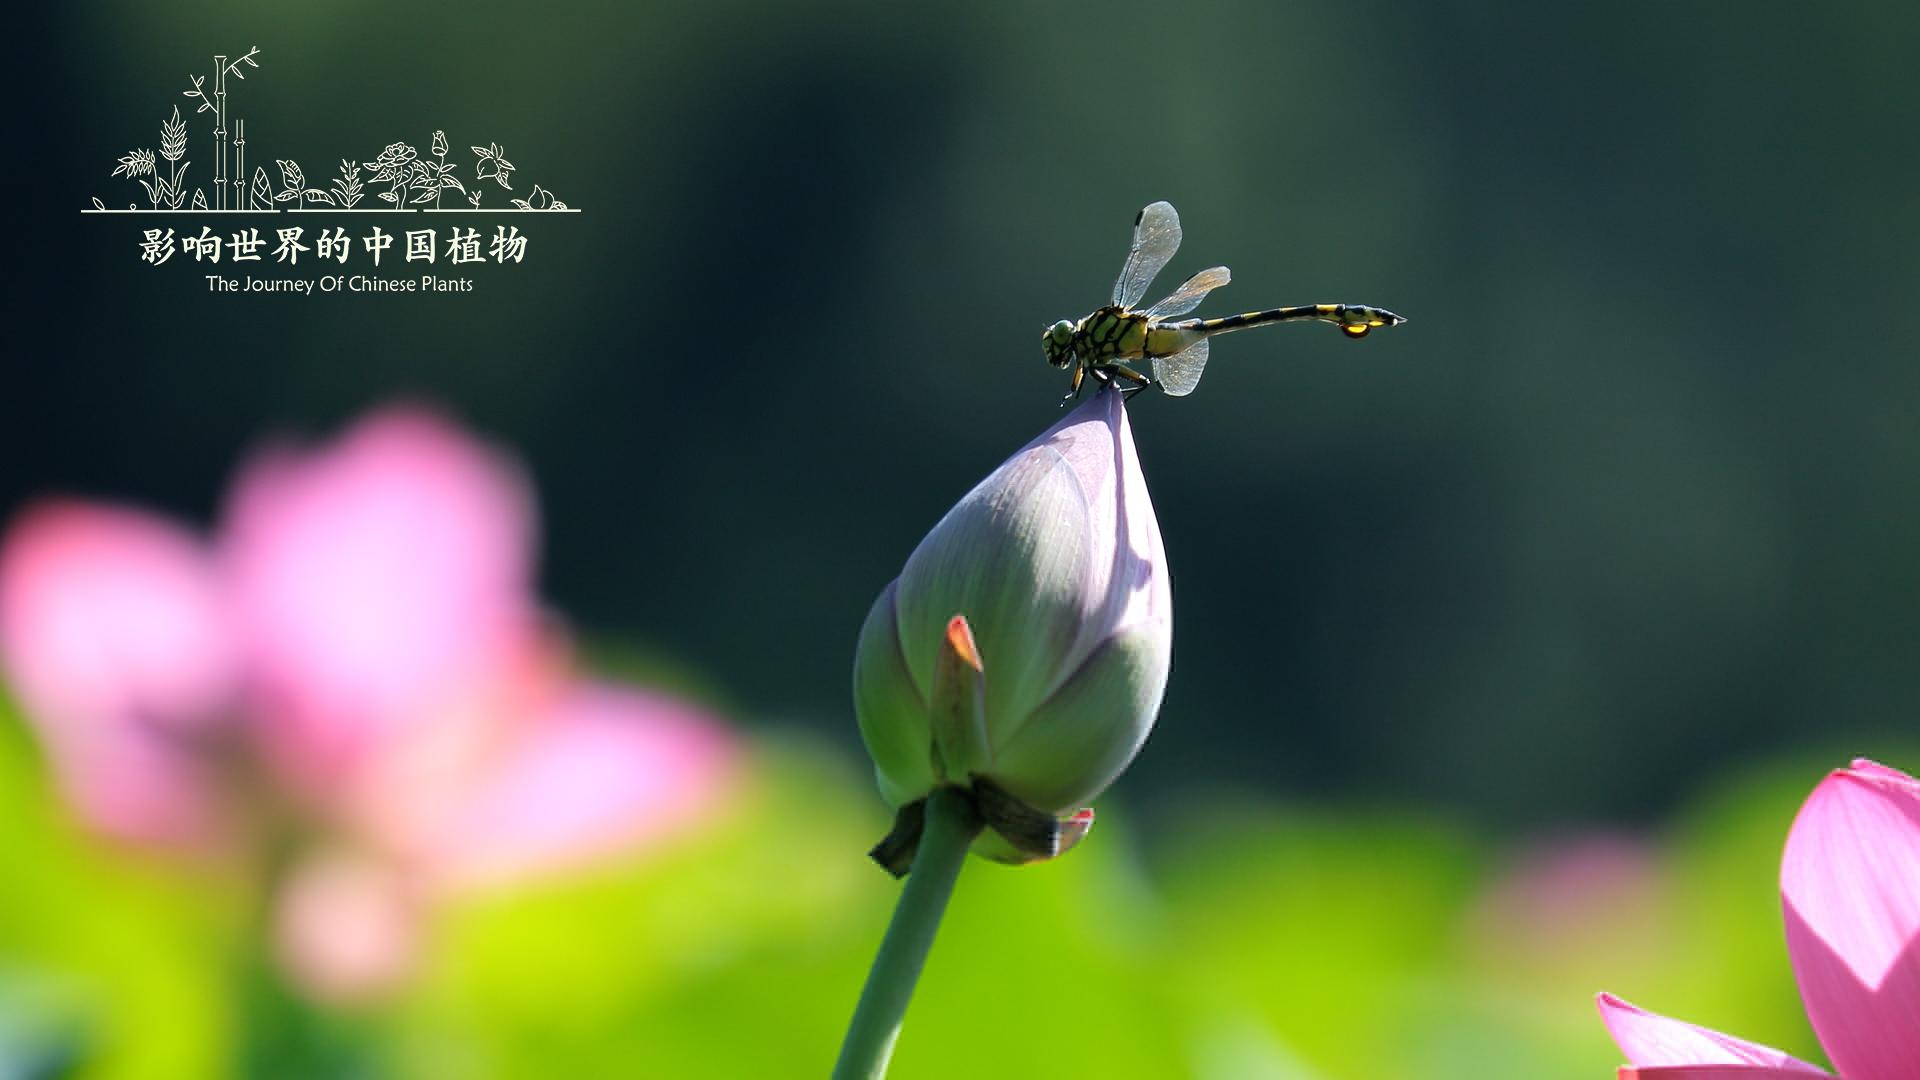 《影响世界的中国植物》美到让你重新认识大自然 豆瓣8.9的照片 - 6